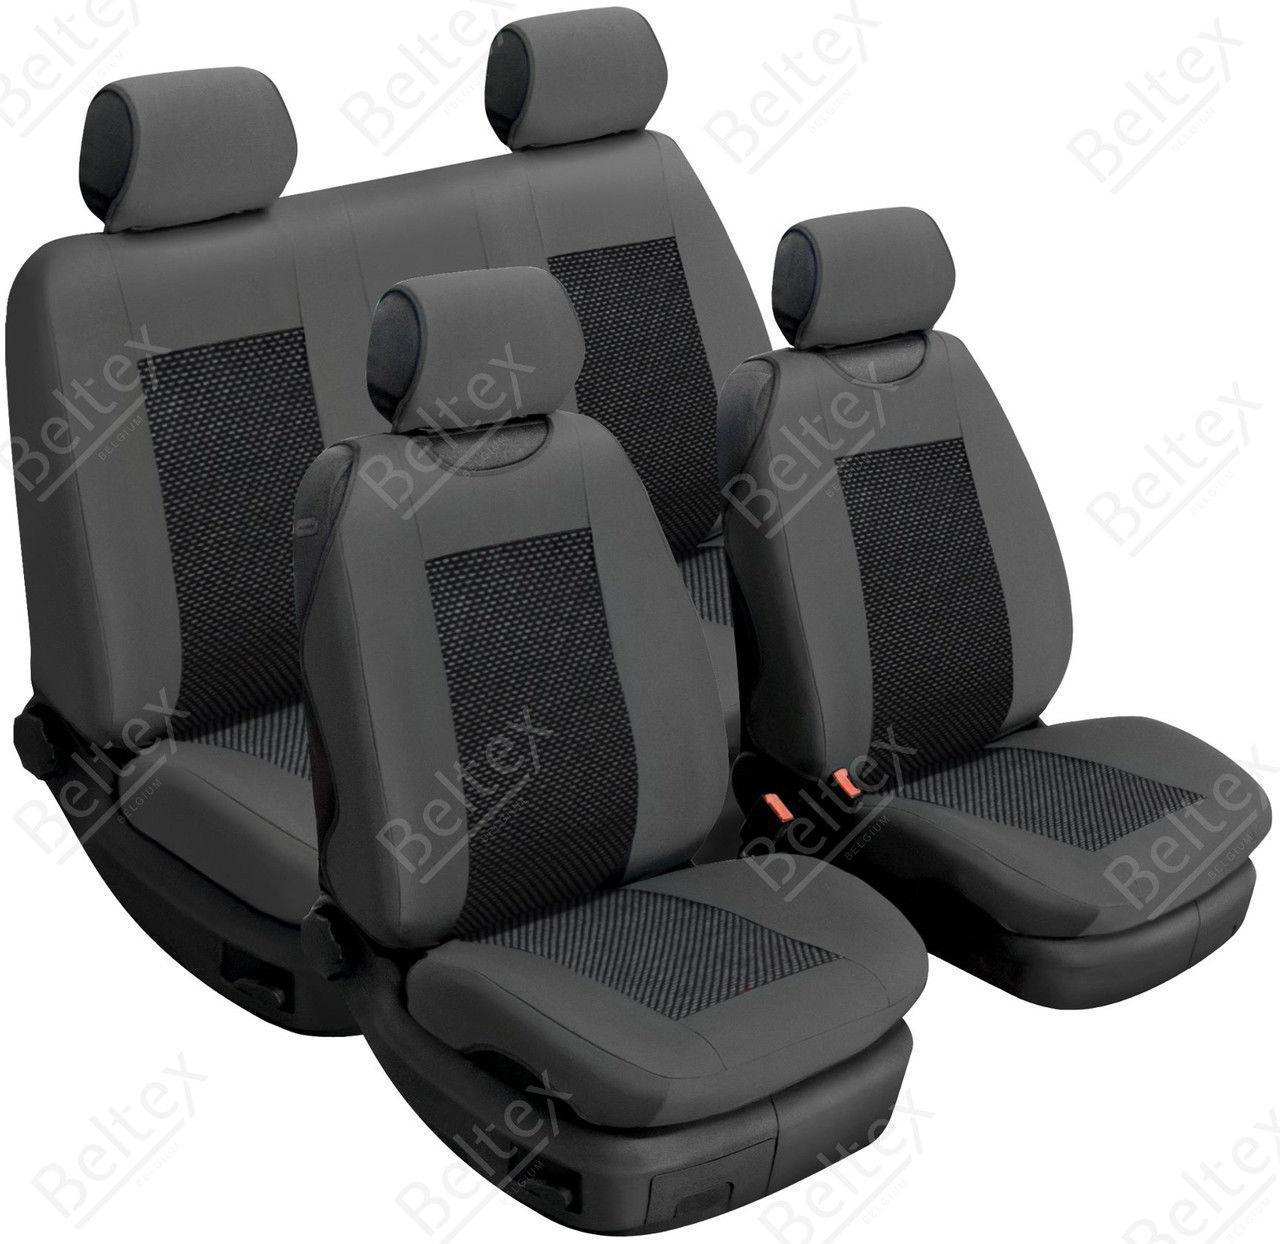 Майки/чехлы на сиденья Ниссан Ноут 1.5 дизель (Nissan Note 1,5 diesel)